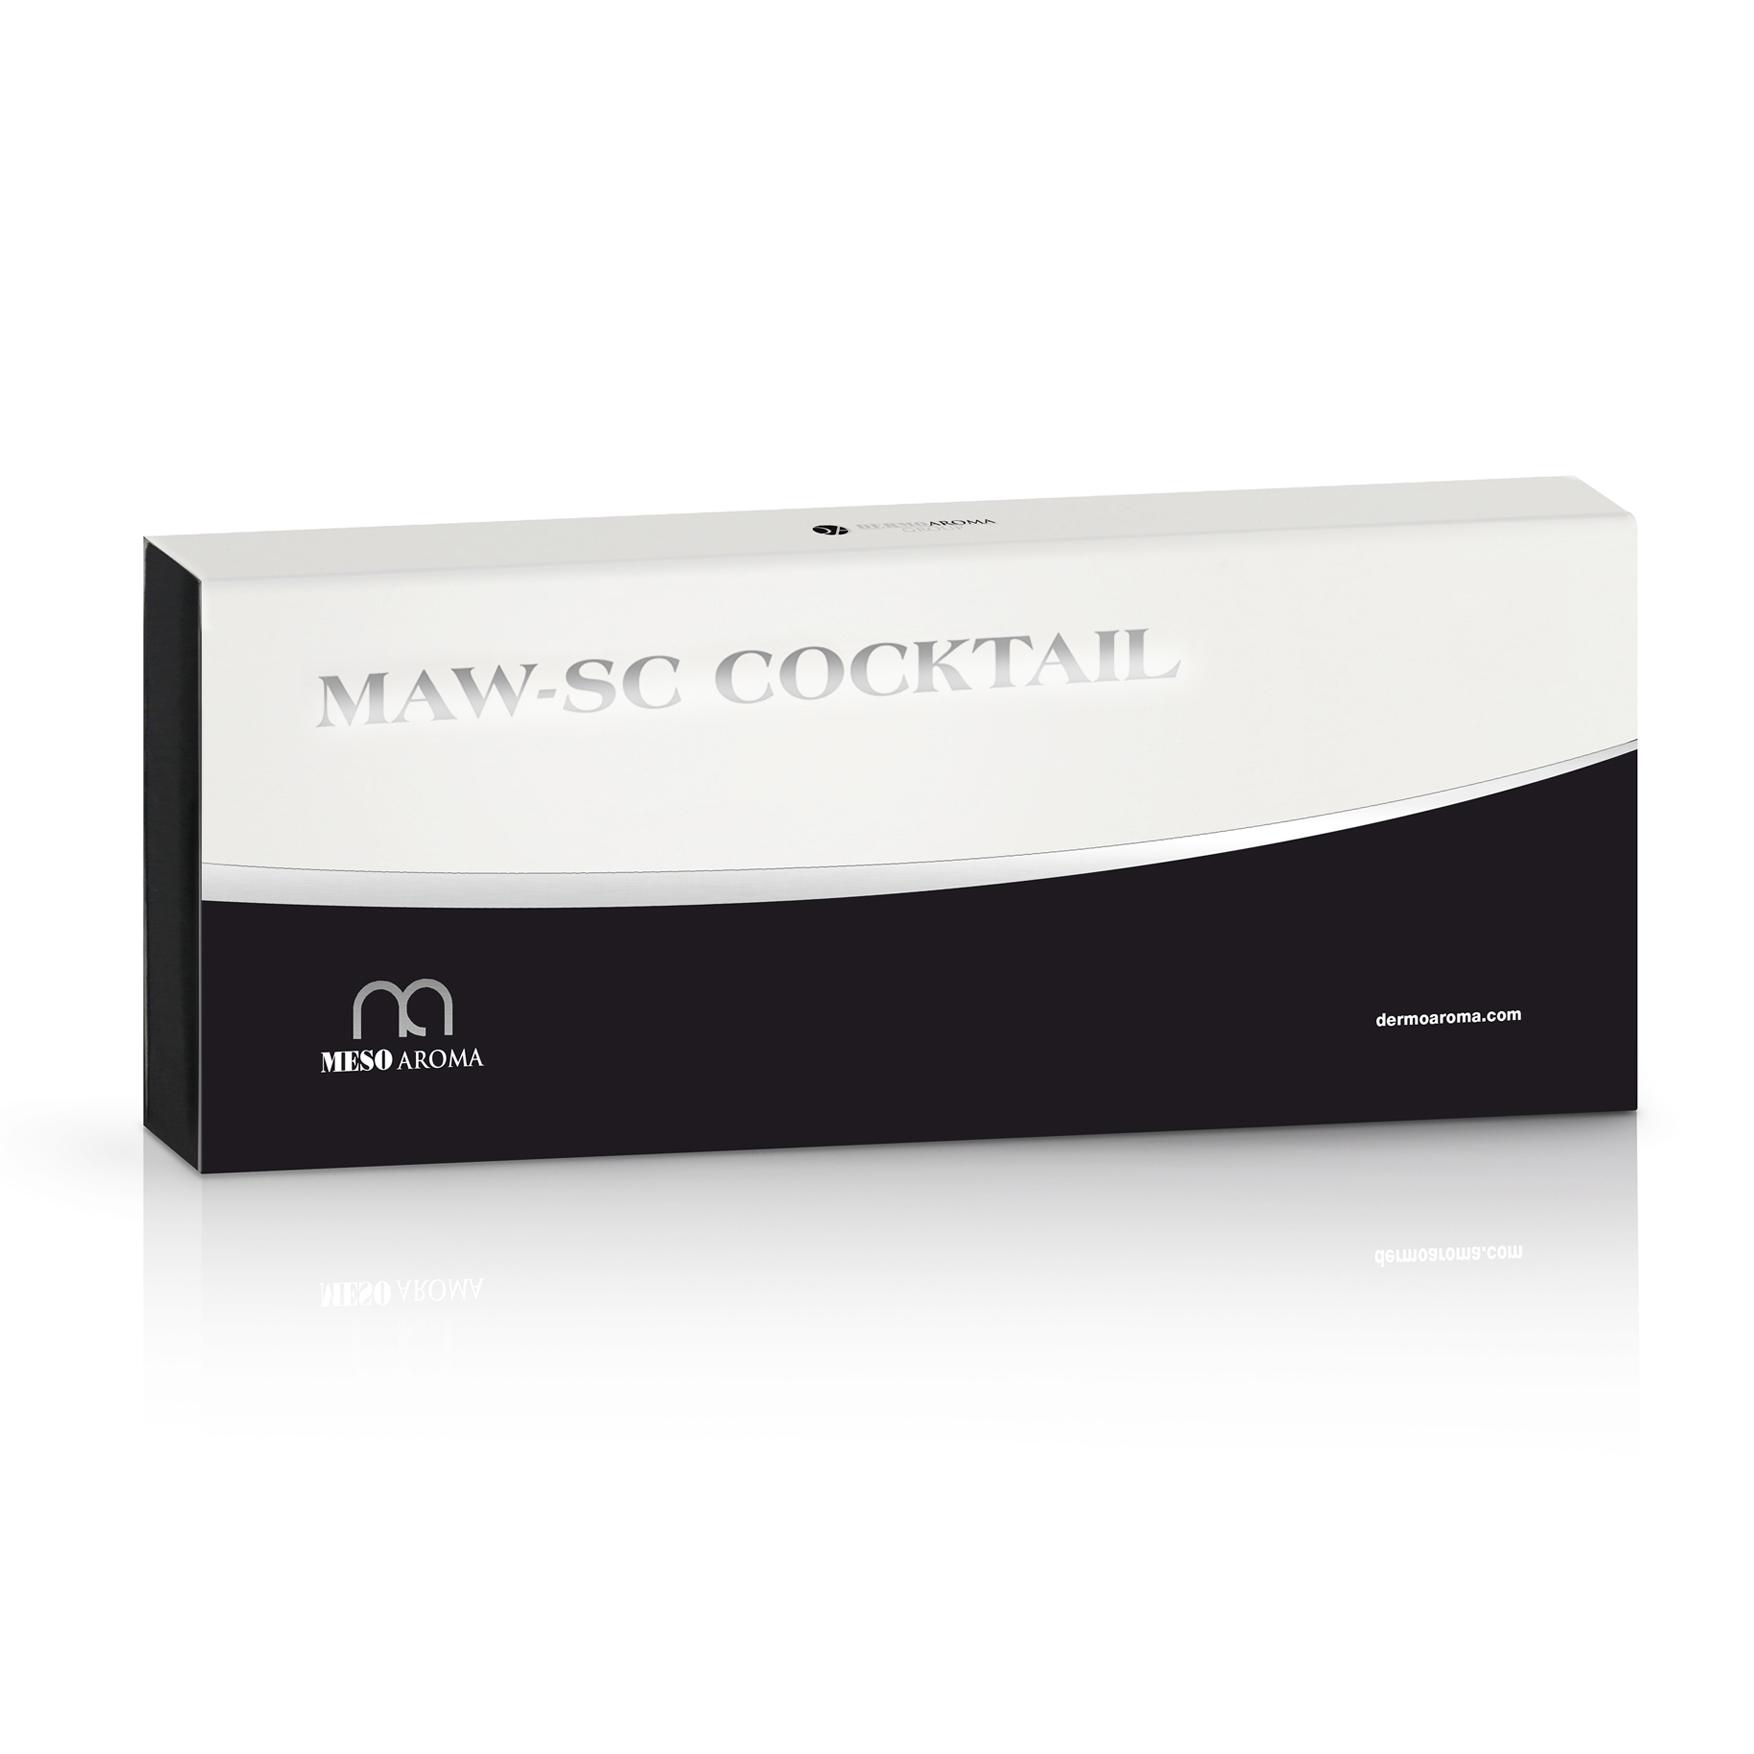 Mesoaroma-MAW-ampułki-do-mezoterapii-SC-coctail